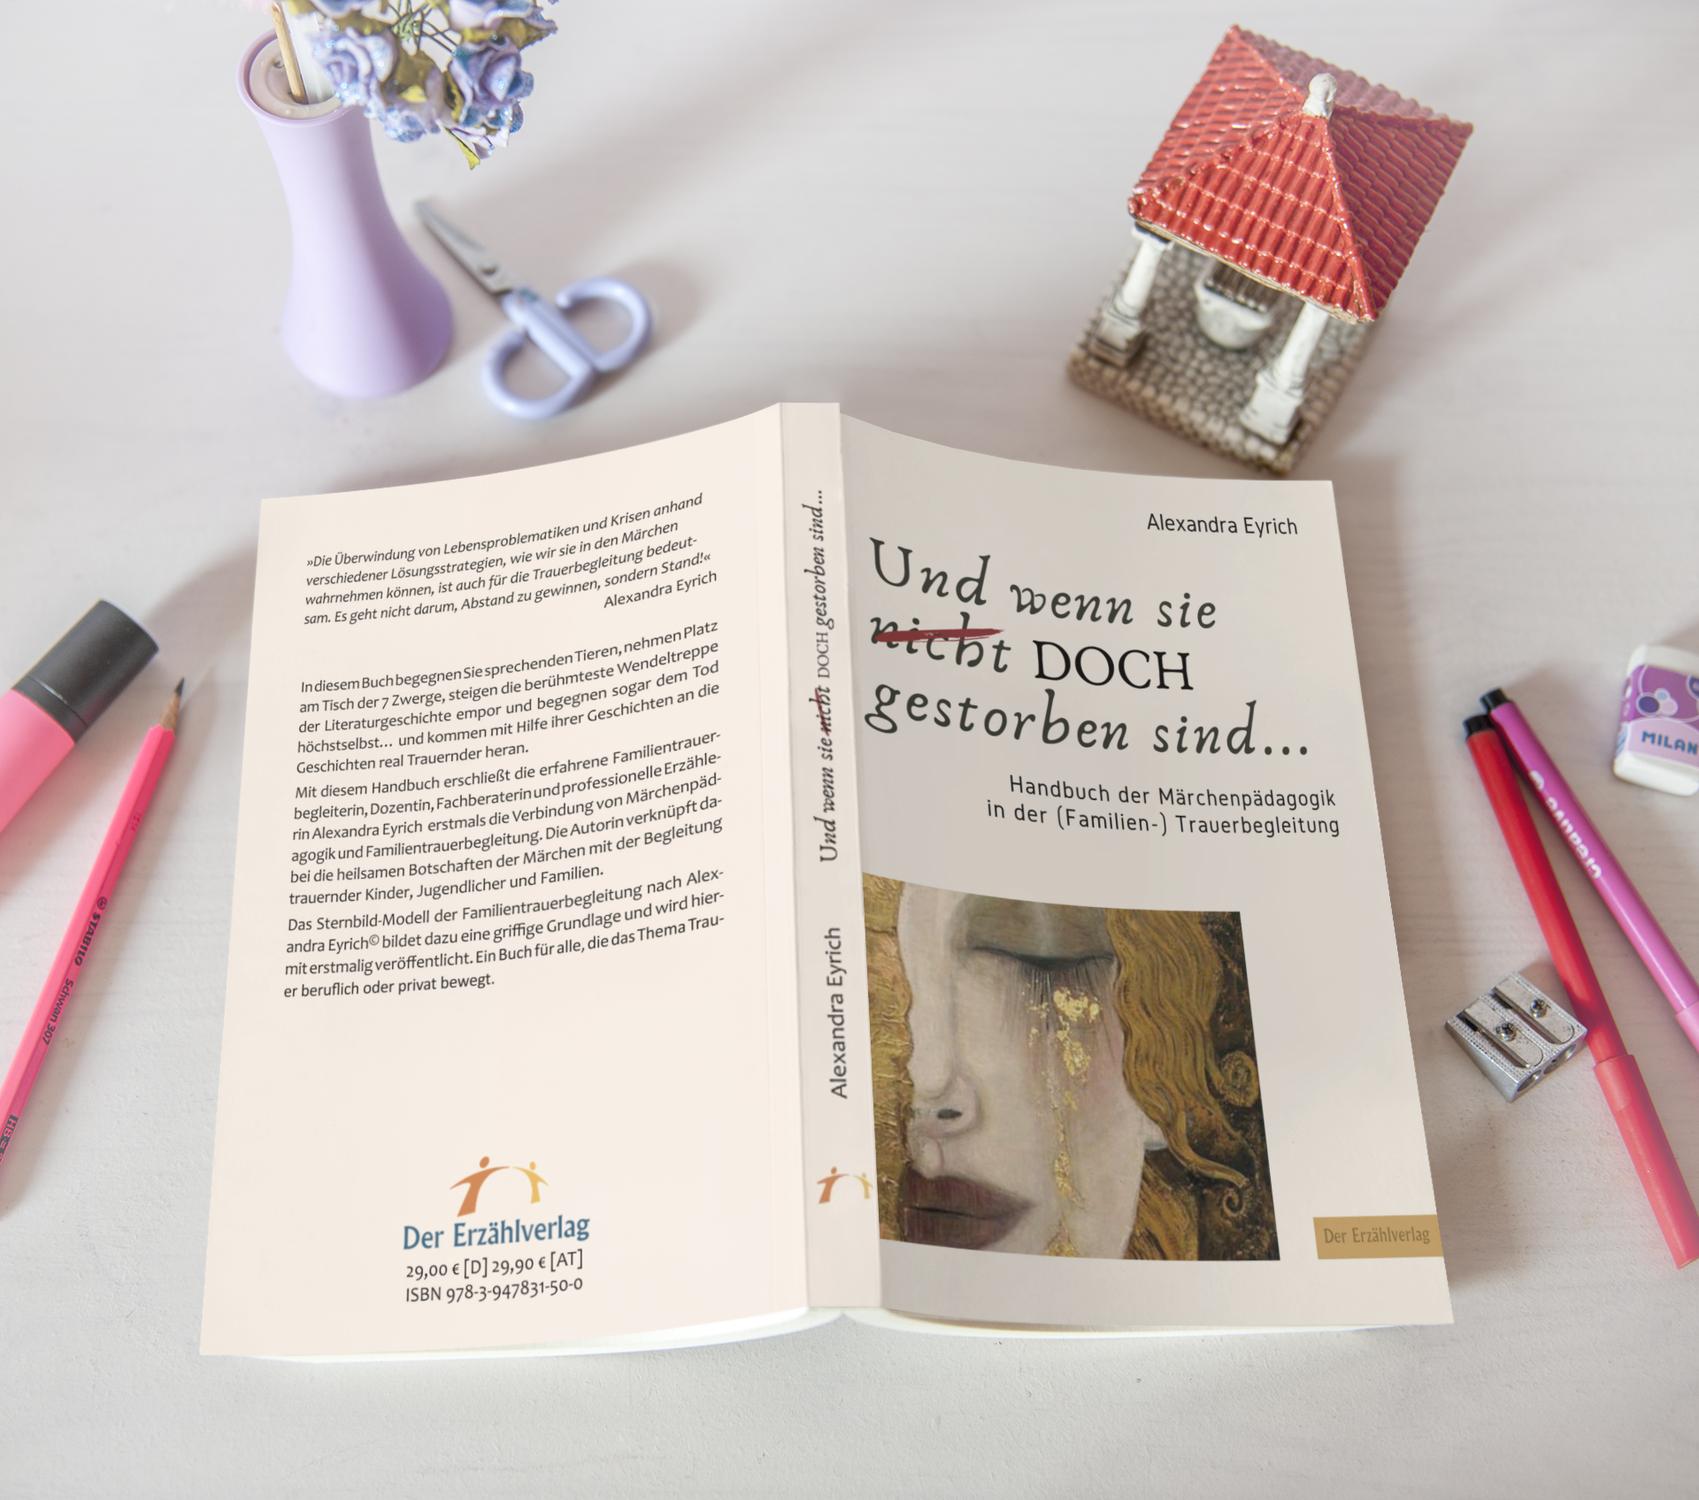 Ein Handbuch der Märchenpädagogik in der Familientrauerbegleitung